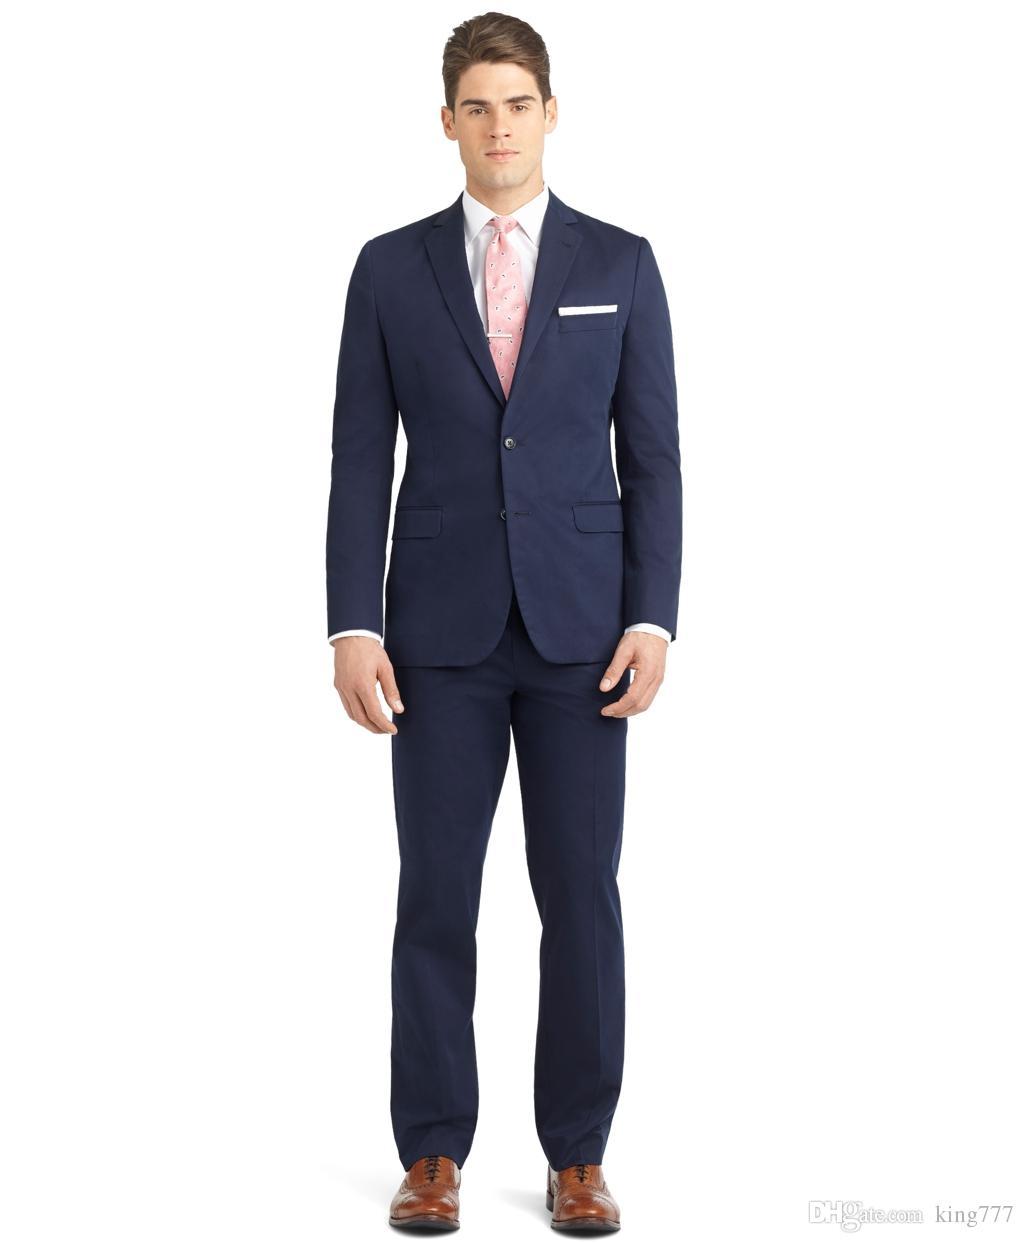 de84c3485cfe5 En Çok Satan Yaka Zayıflama Erkek Iş Takım Elbise Düğün Parti Için Uygun  Zarif Terzilik Ceket + Pantolon + Yelek, $82.82 | DHgate.Com'da